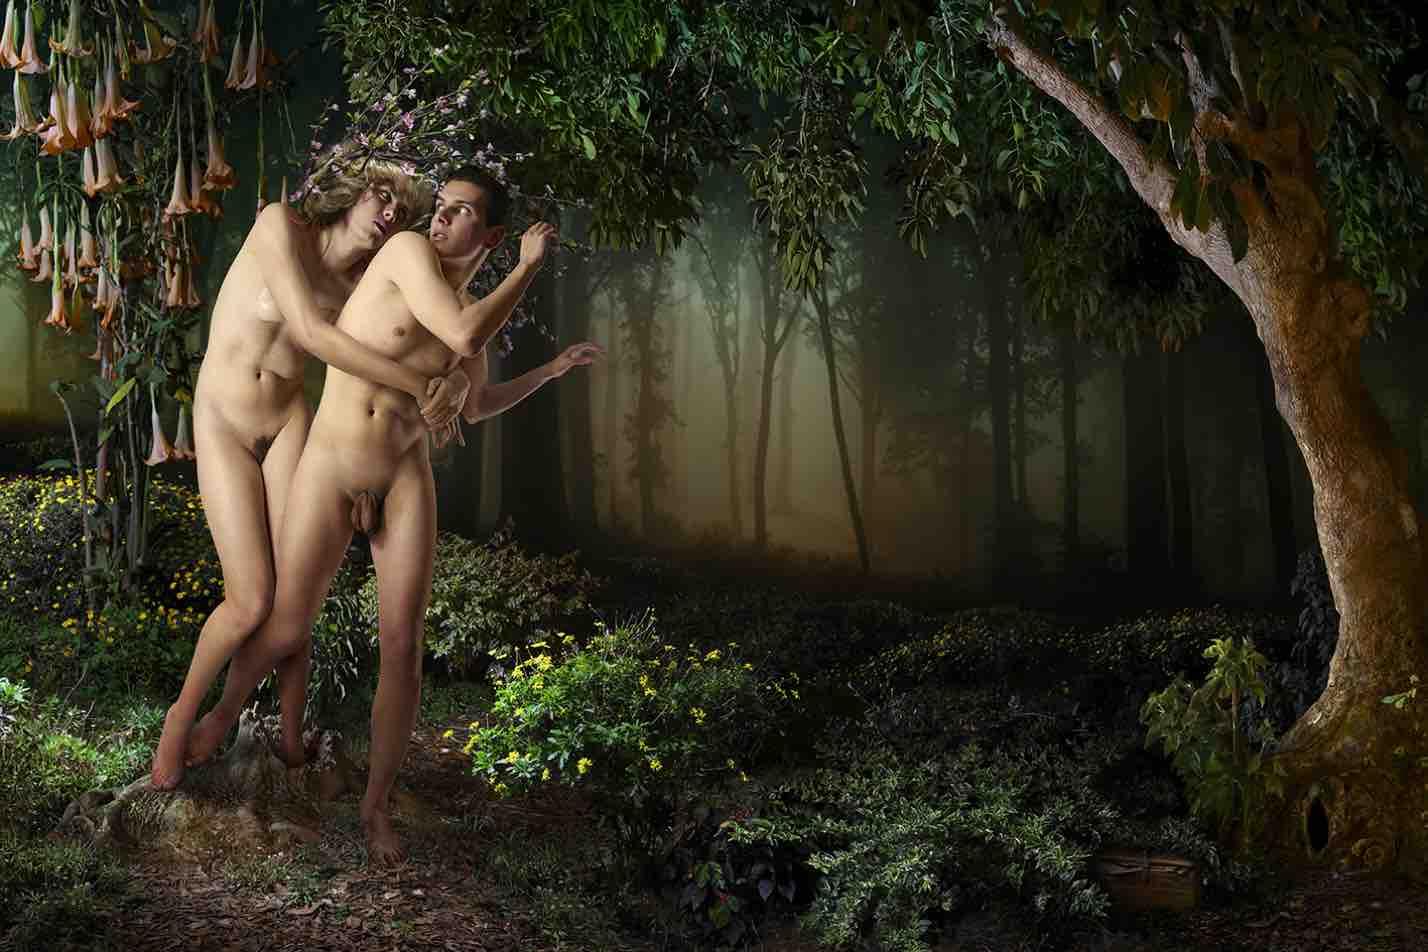 прости меня дерево прощения современное искусство фотография ddiarte